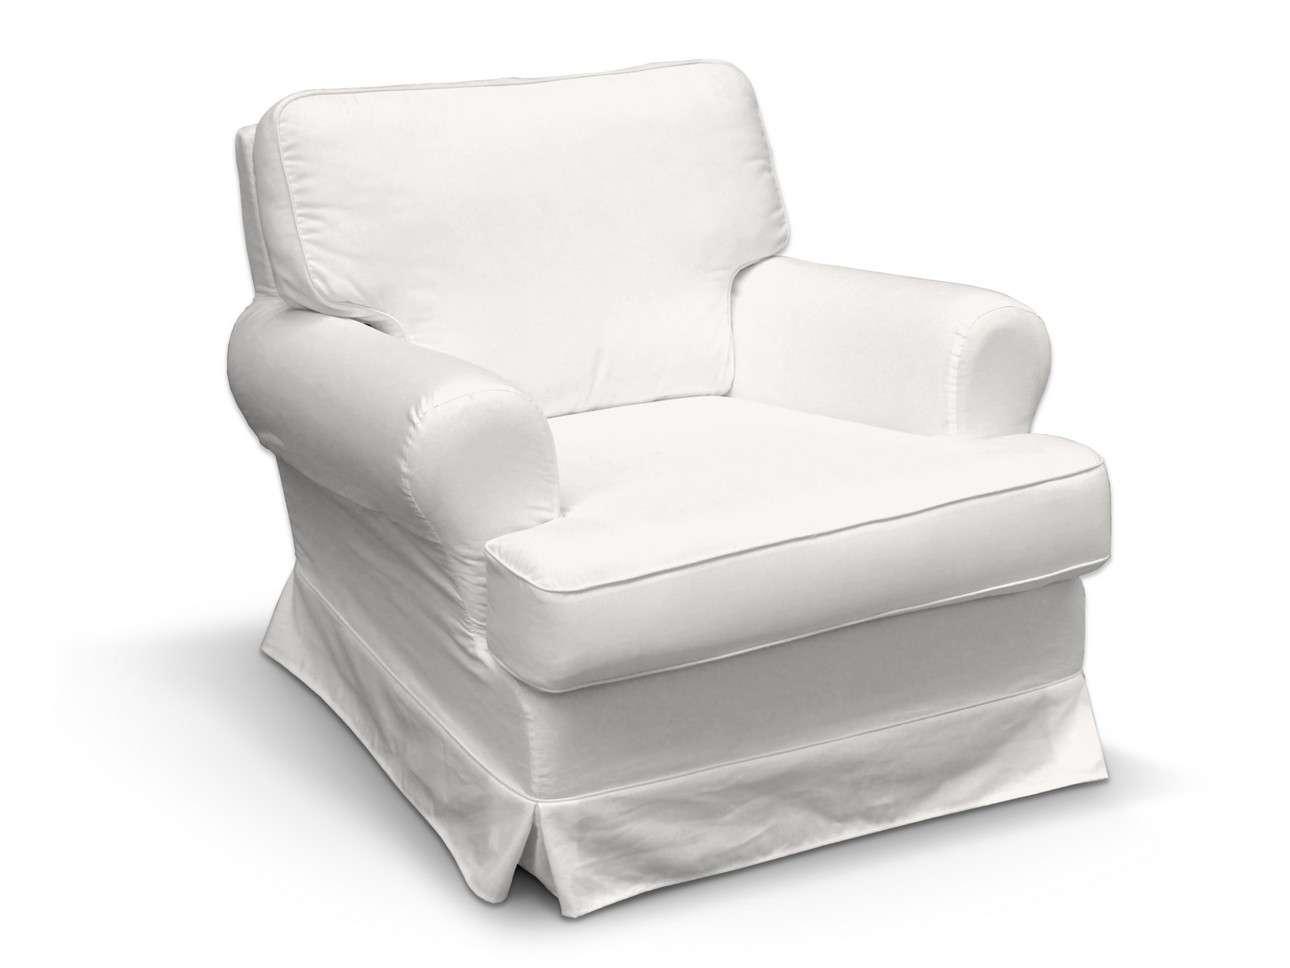 Barkaby fotelio užvalkalas Barkaby fotelio užvalkalas kolekcijoje Cotton Panama, audinys: 702-34